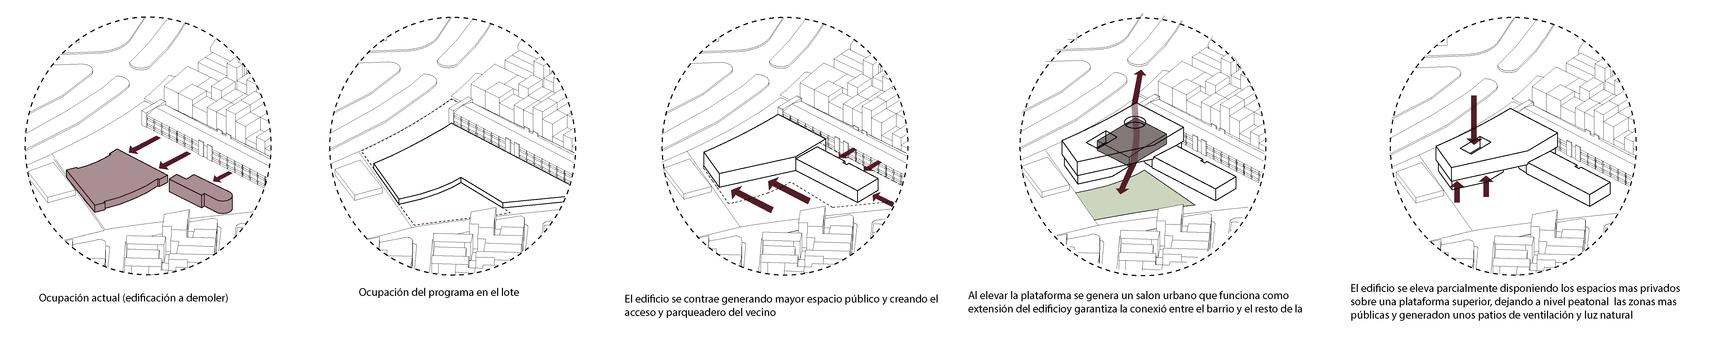 ALCALDIA_CIUDAD_BOLIVAR_Esquema_Diseño.p